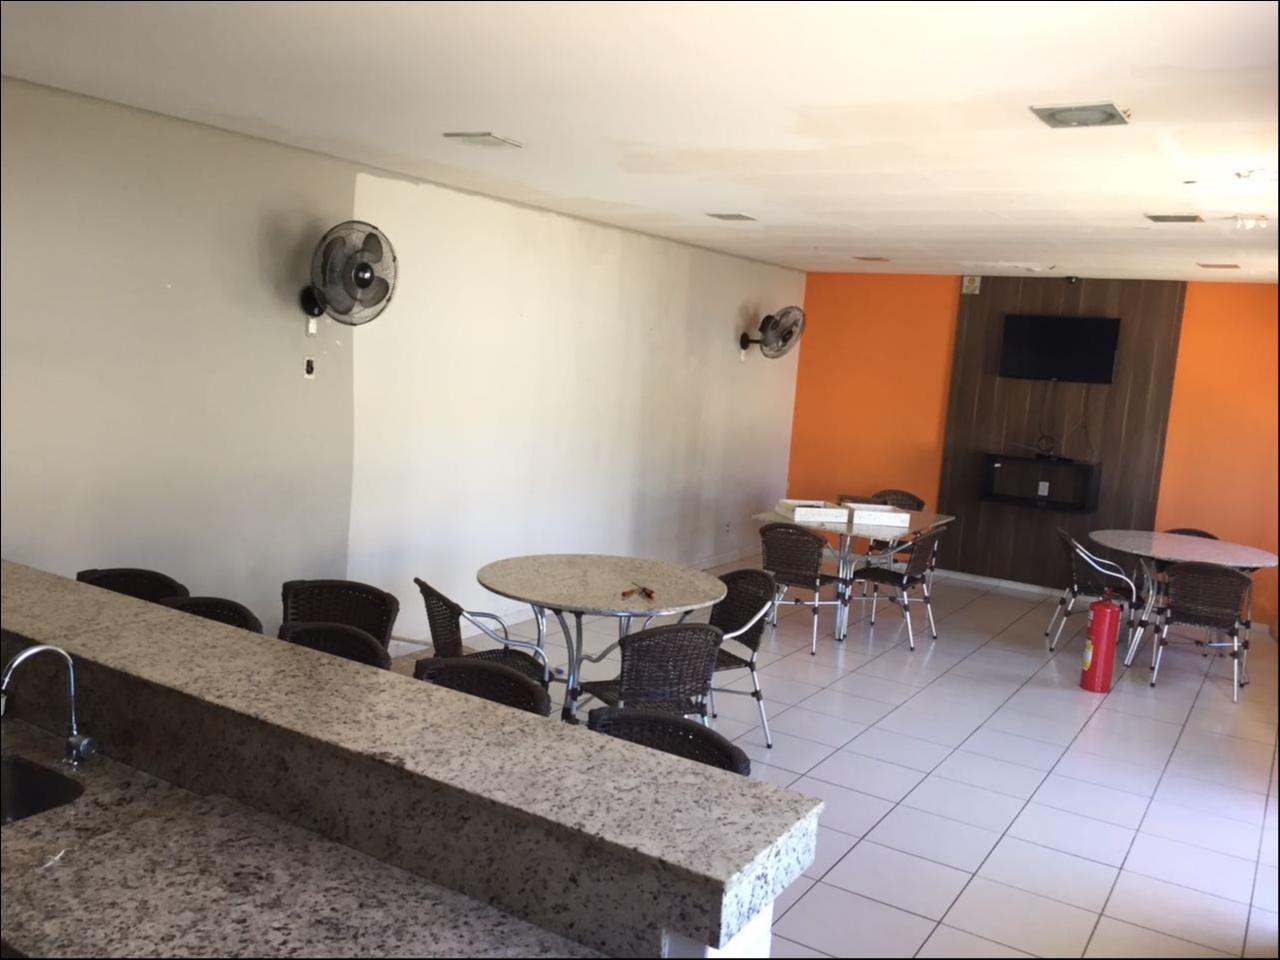 Apartamento  com 3 quartos sendo 1 Suíte no JARDIM PETROPOLIS, Cuiabá  - MT